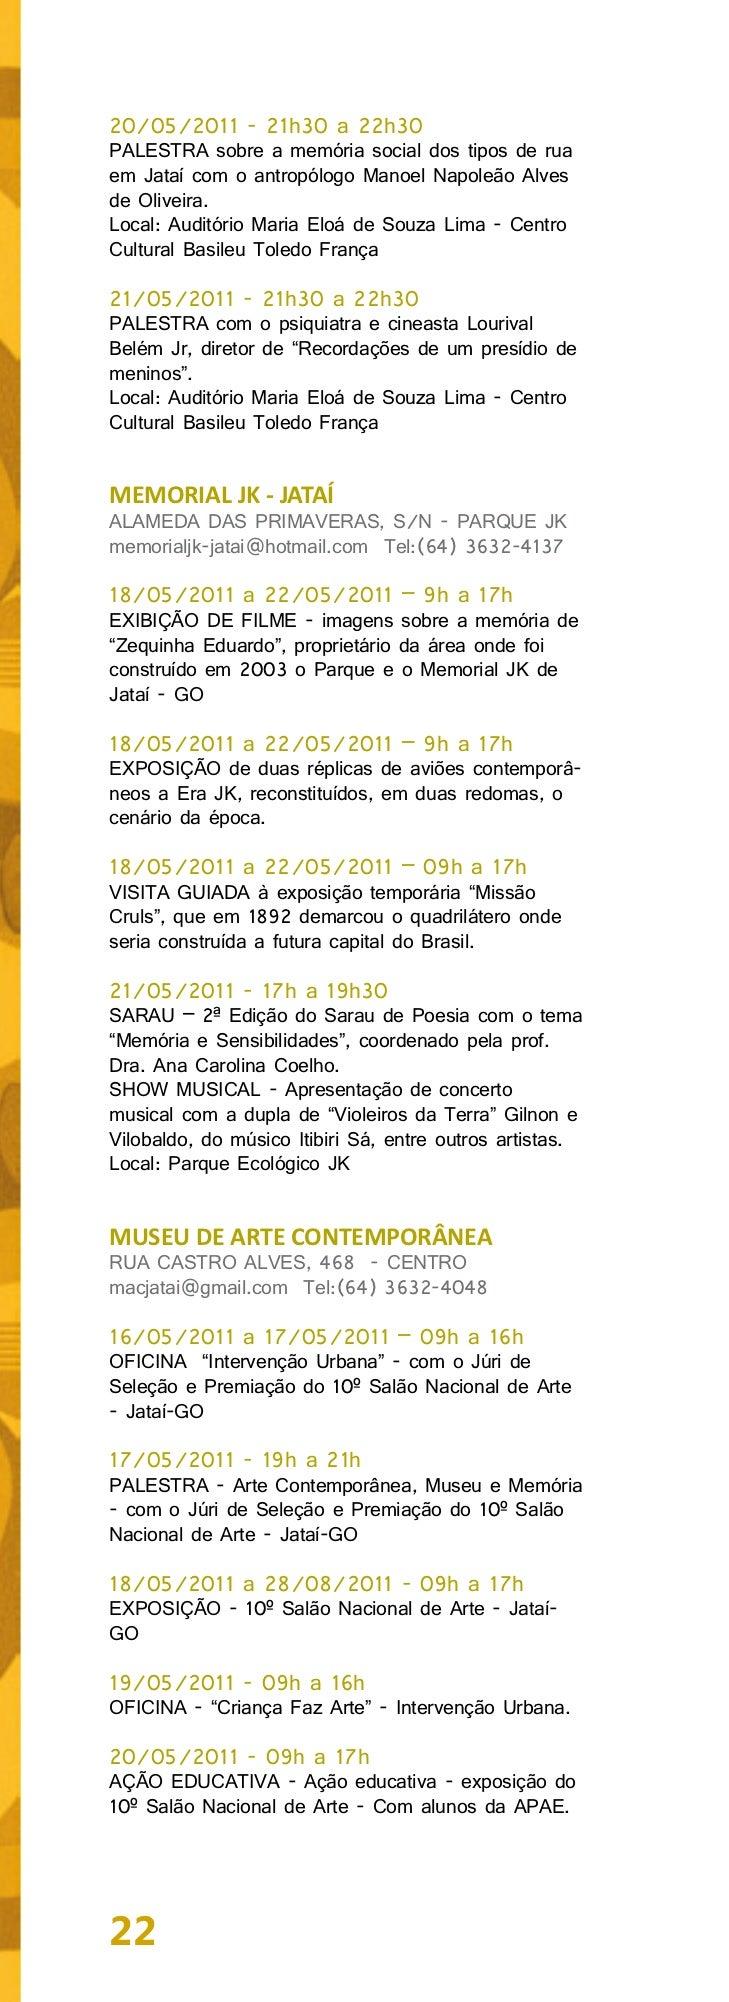 """21/05/2011 - 09h a 16hOFICINA - """"Criança Faz Arte"""" - Performances22/05/2011 - 09h a 16hOFICINA - """"Criança Faz Arte"""" - """"Xil..."""